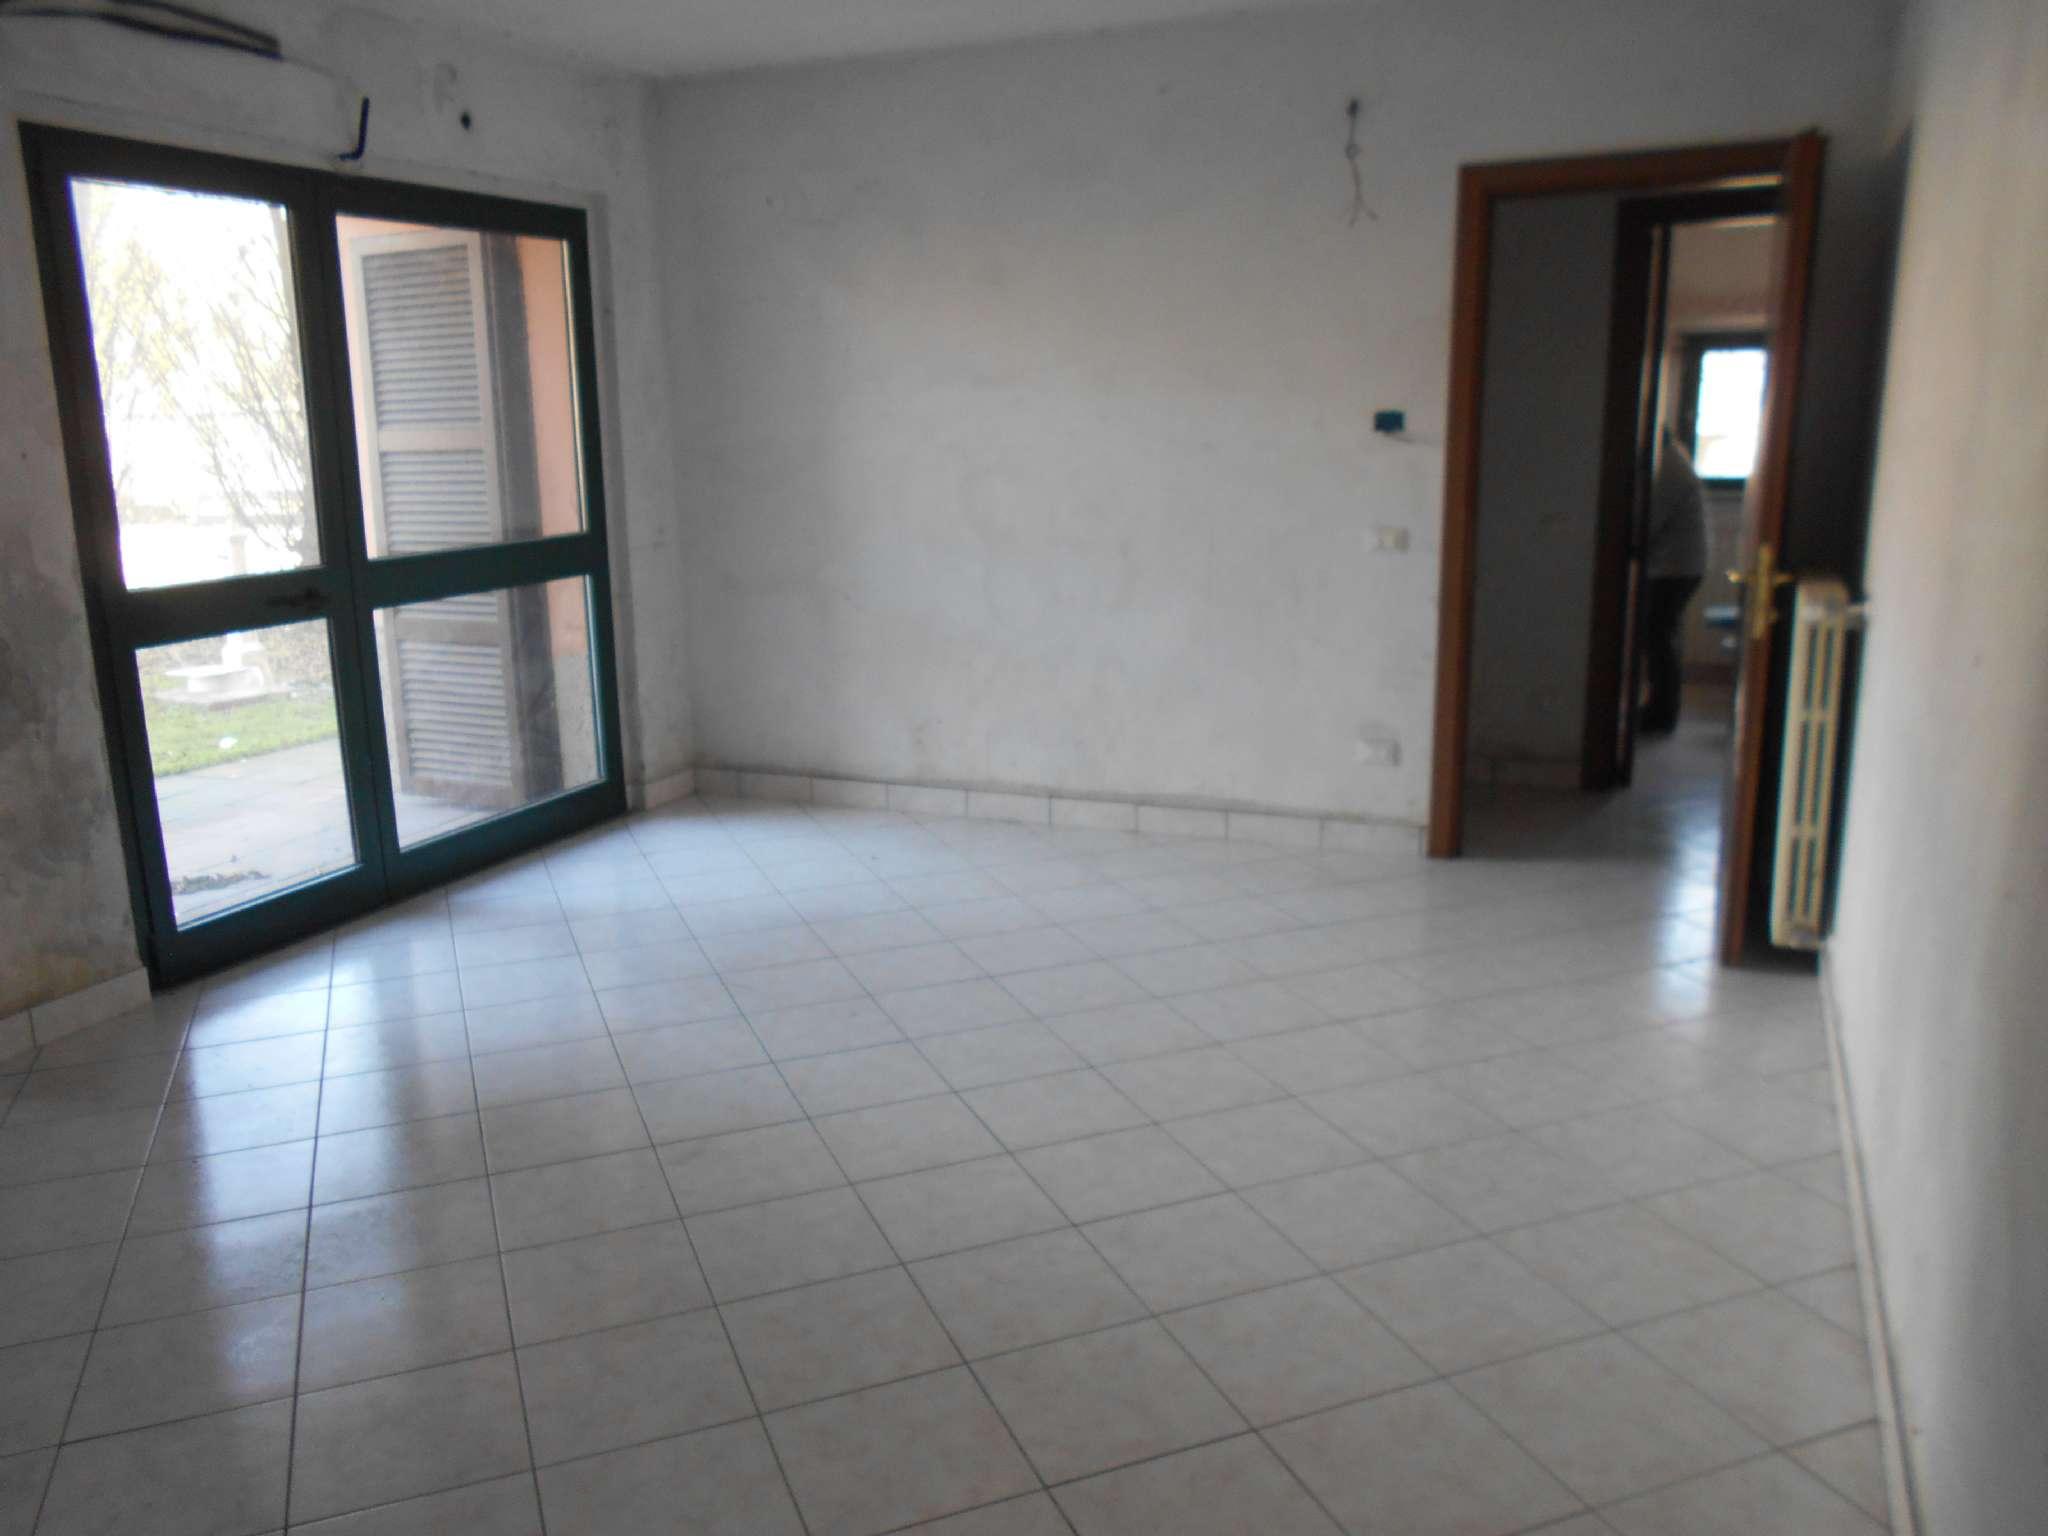 Appartamento in vendita a Villanterio, 3 locali, prezzo € 63.000 | CambioCasa.it